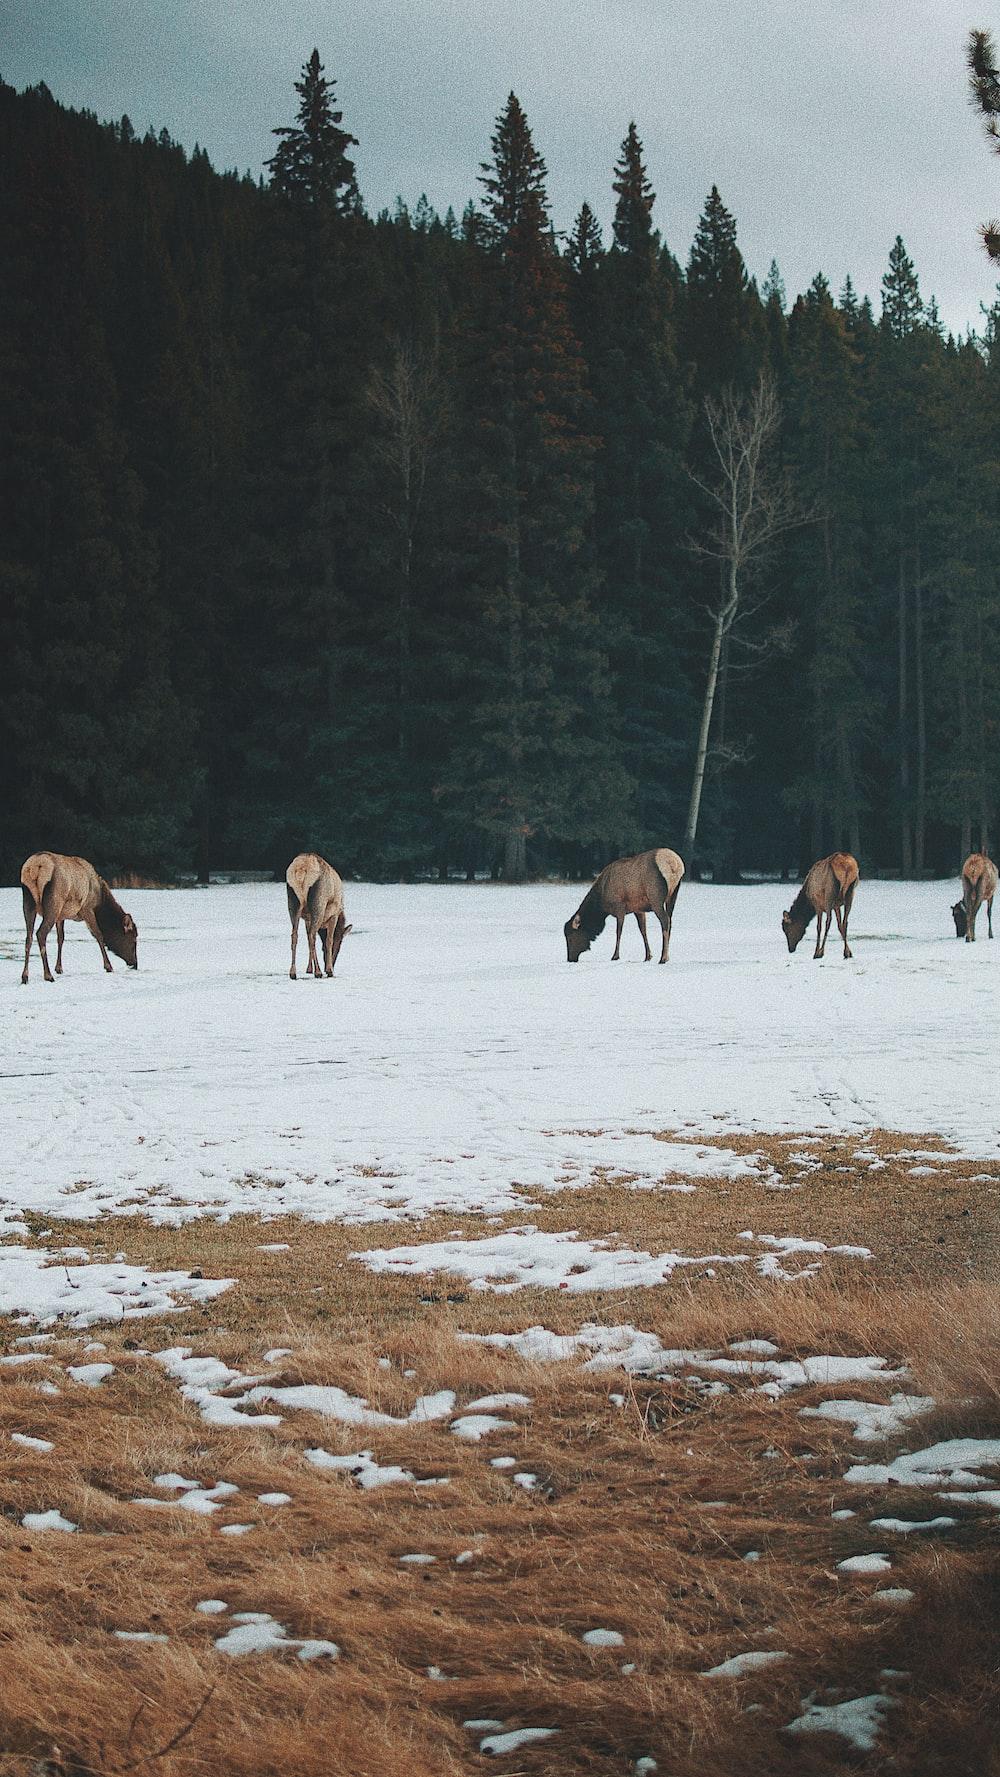 five brown horses